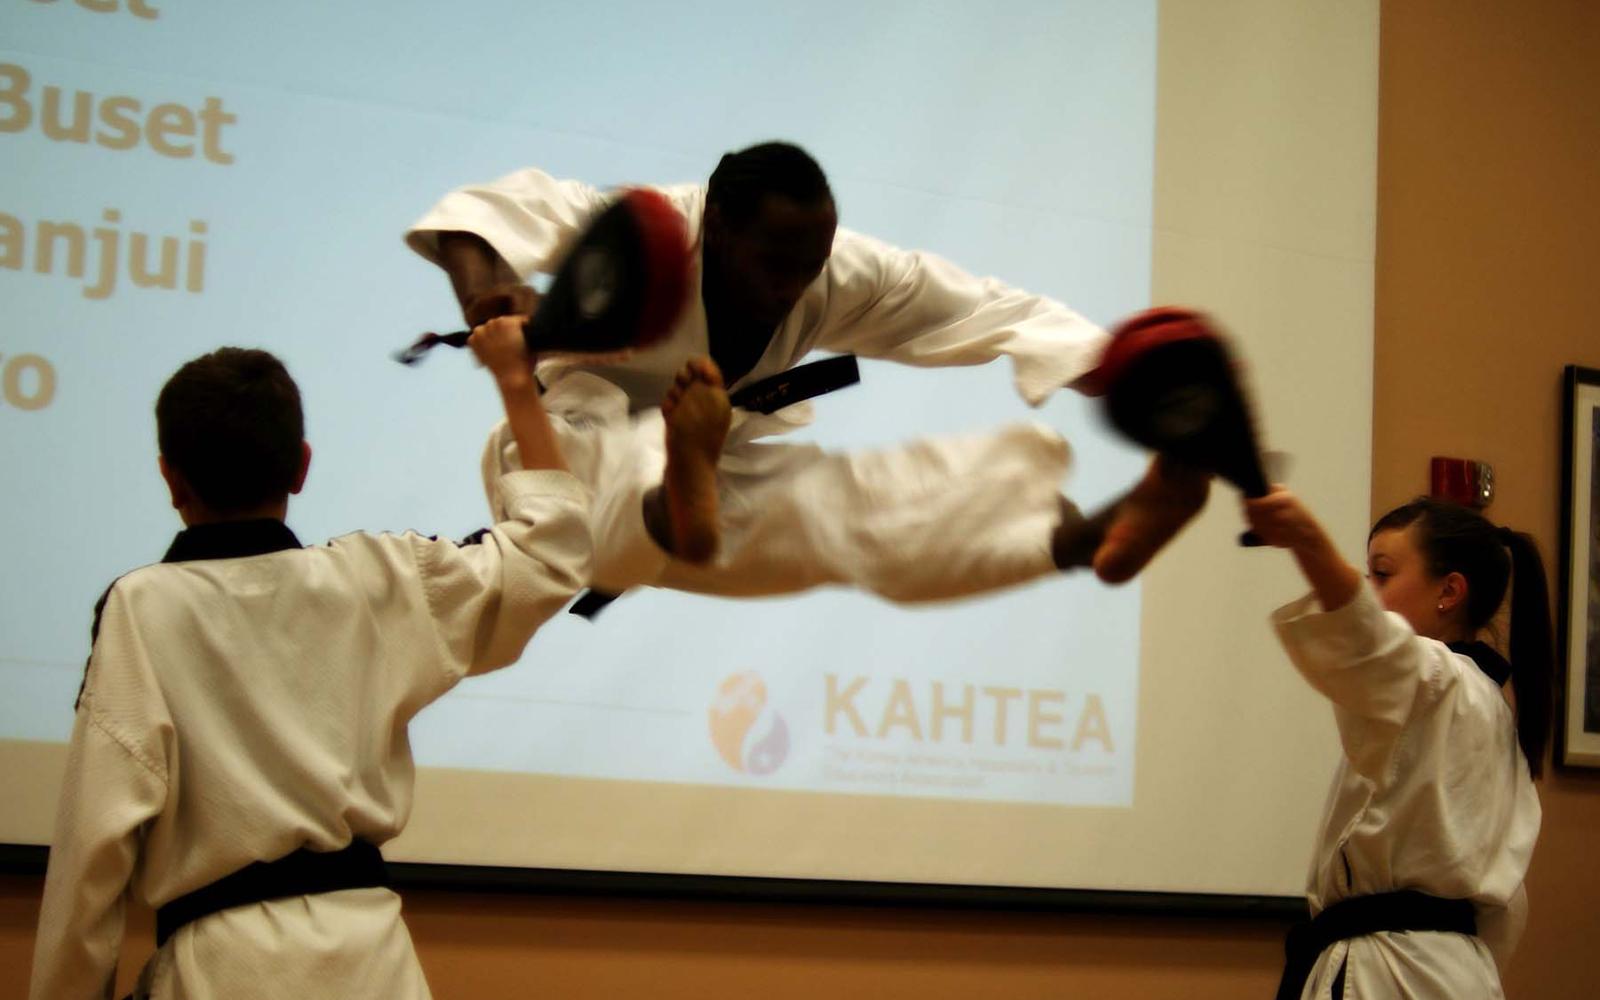 KAHTEA 2011 CONFERENCE